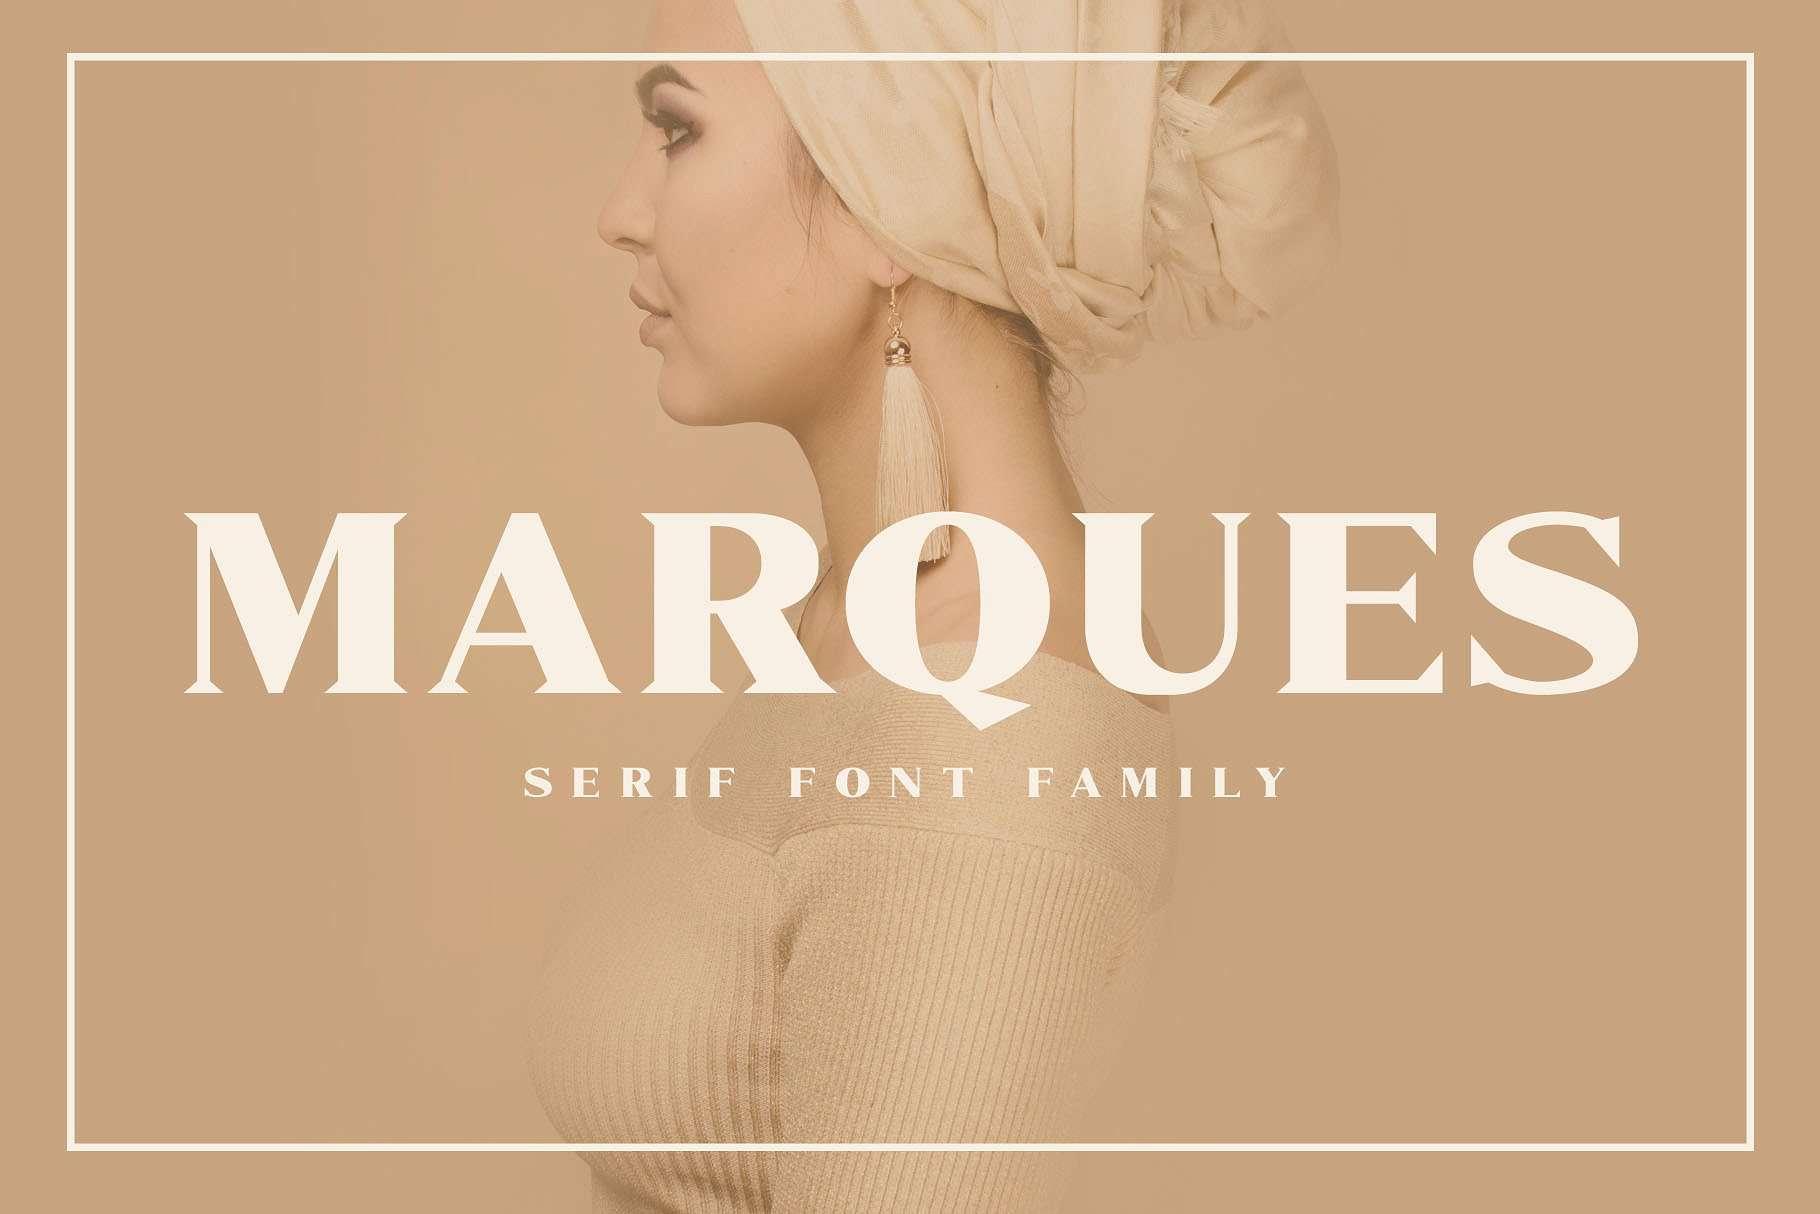 Marques шрифт скачать бесплатно